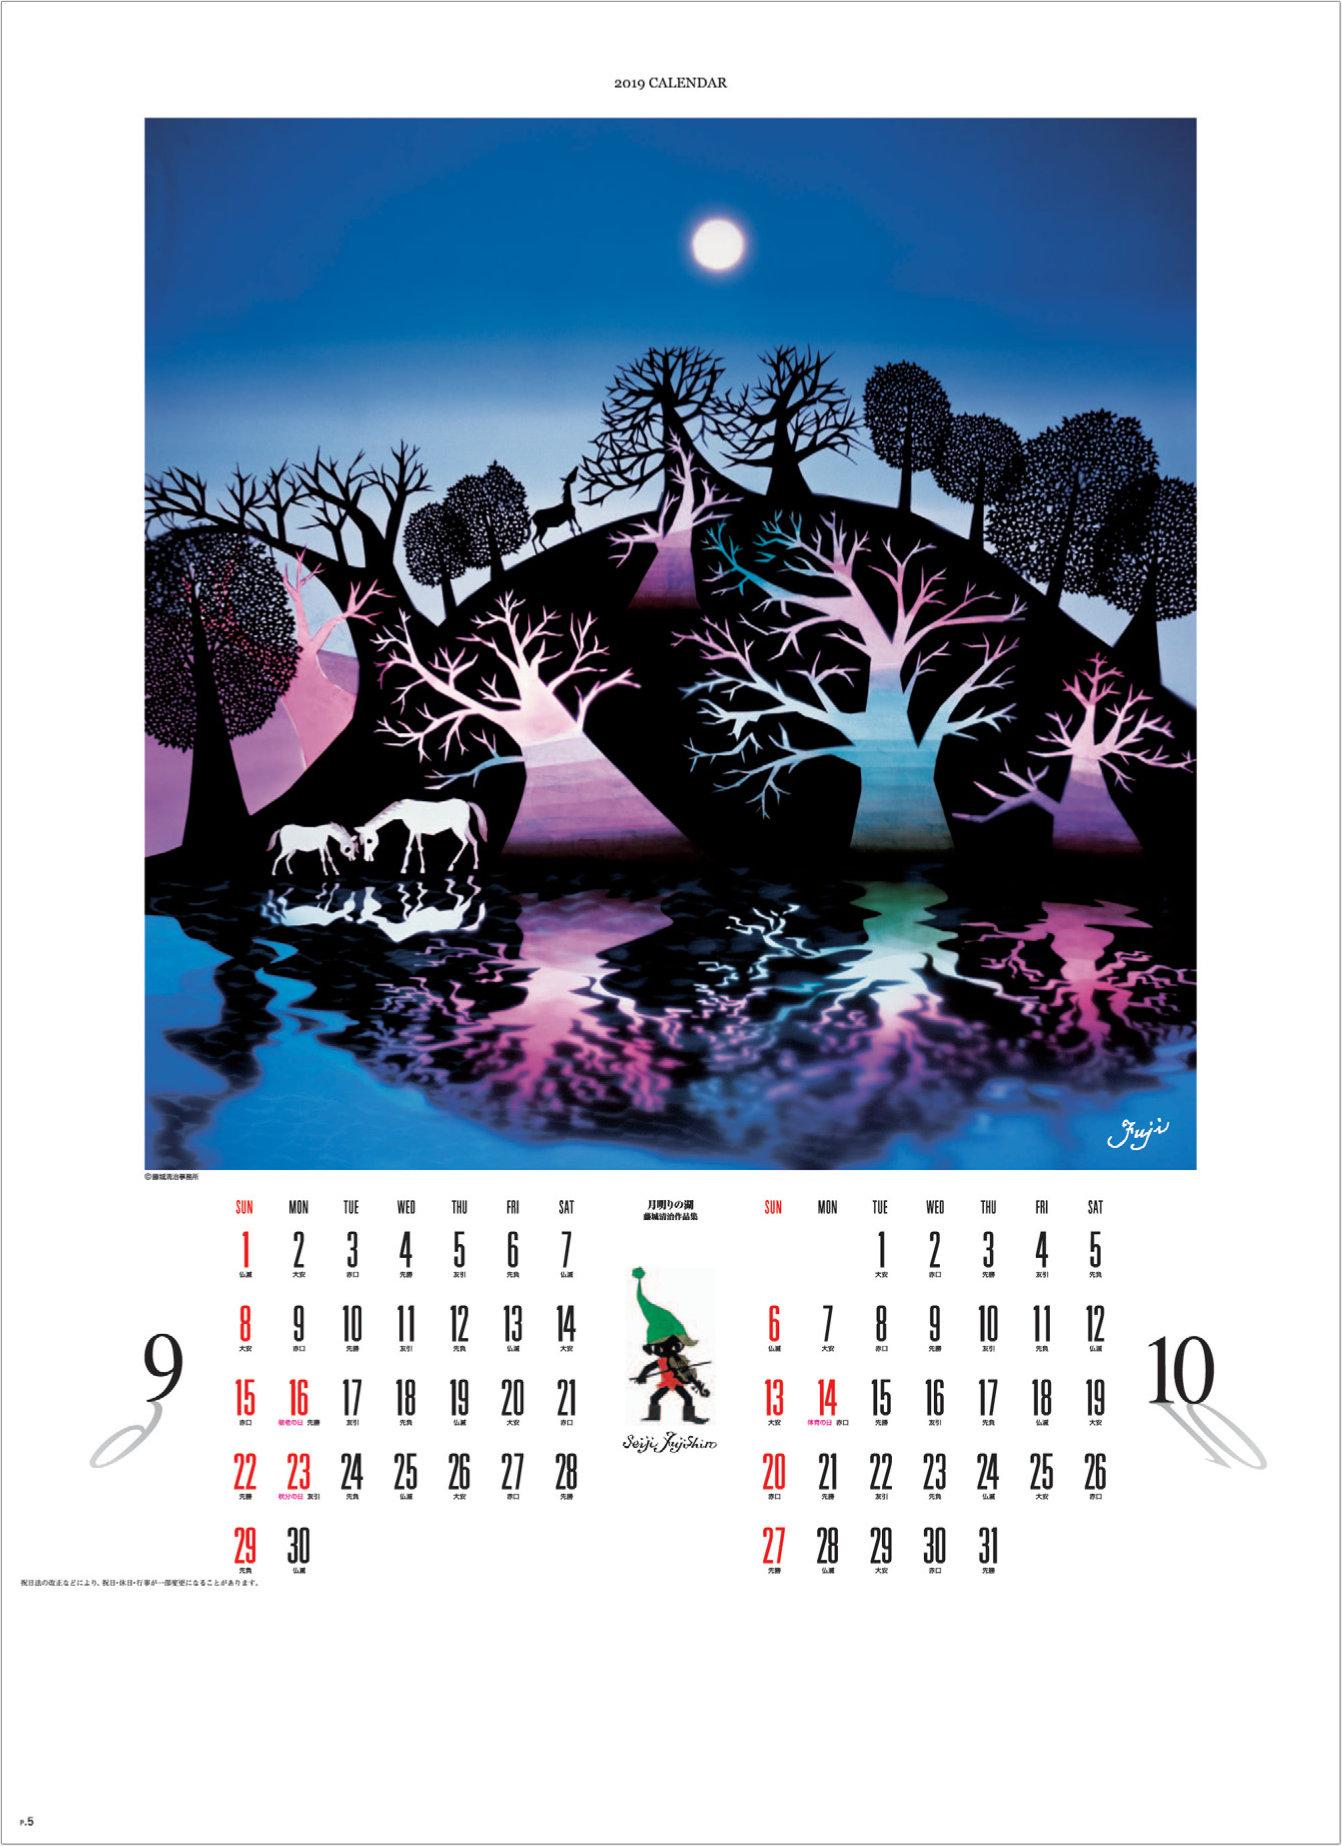 画像:藤城清治作品「月明りの湖」 遠い日の風景から(影絵)  藤城清治 2019年カレンダー